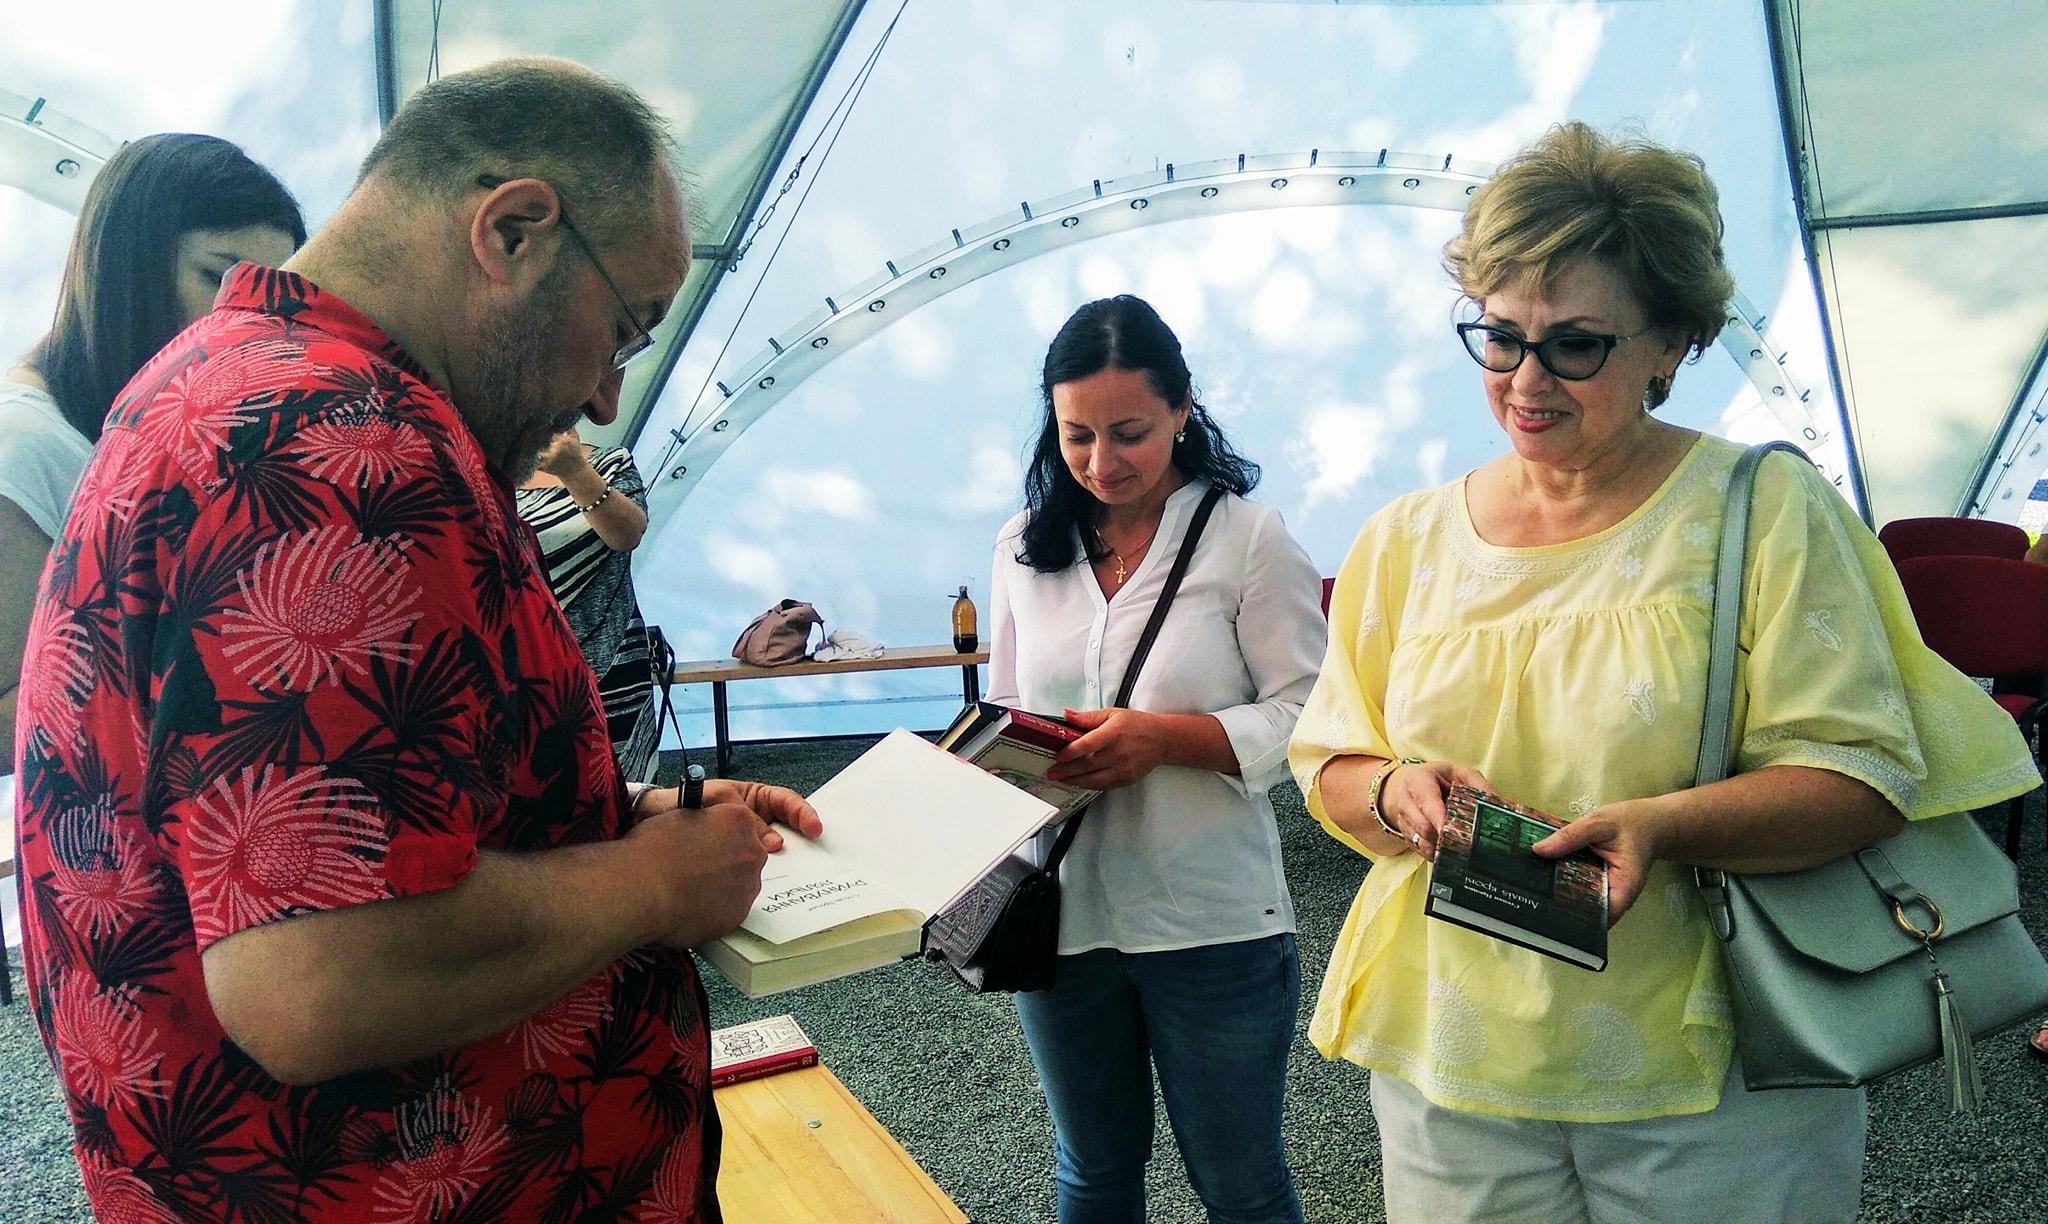 Франківський письменник Степан Процюк з приводу ювілею зустрівся з шанувальниками в Палаці Потоцьких 2